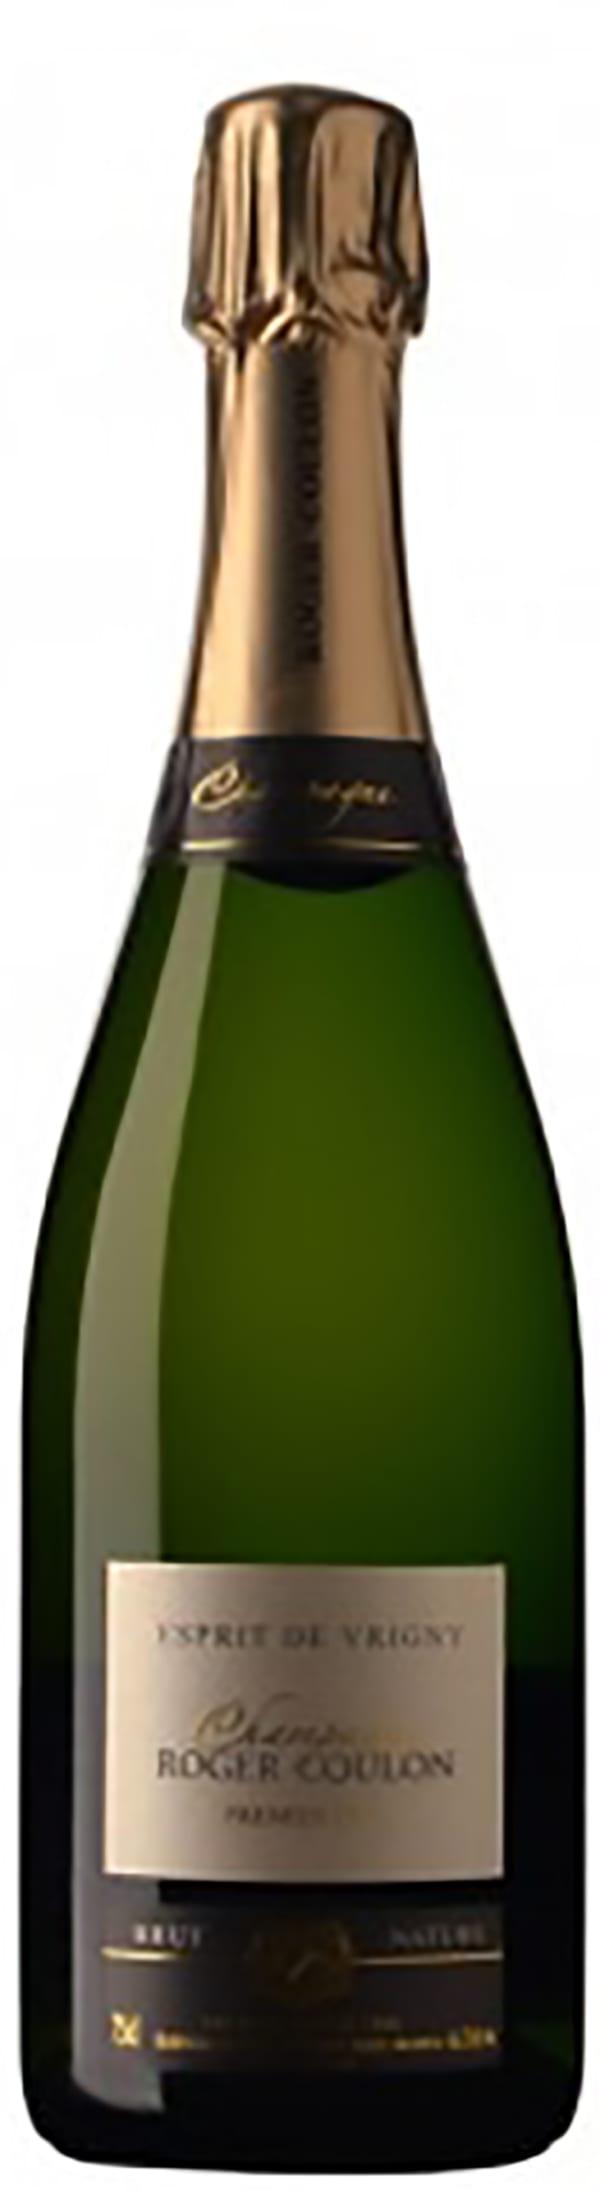 Roger Coulon Esprit de Vrigny 1er Cru Champagne Brut Nature